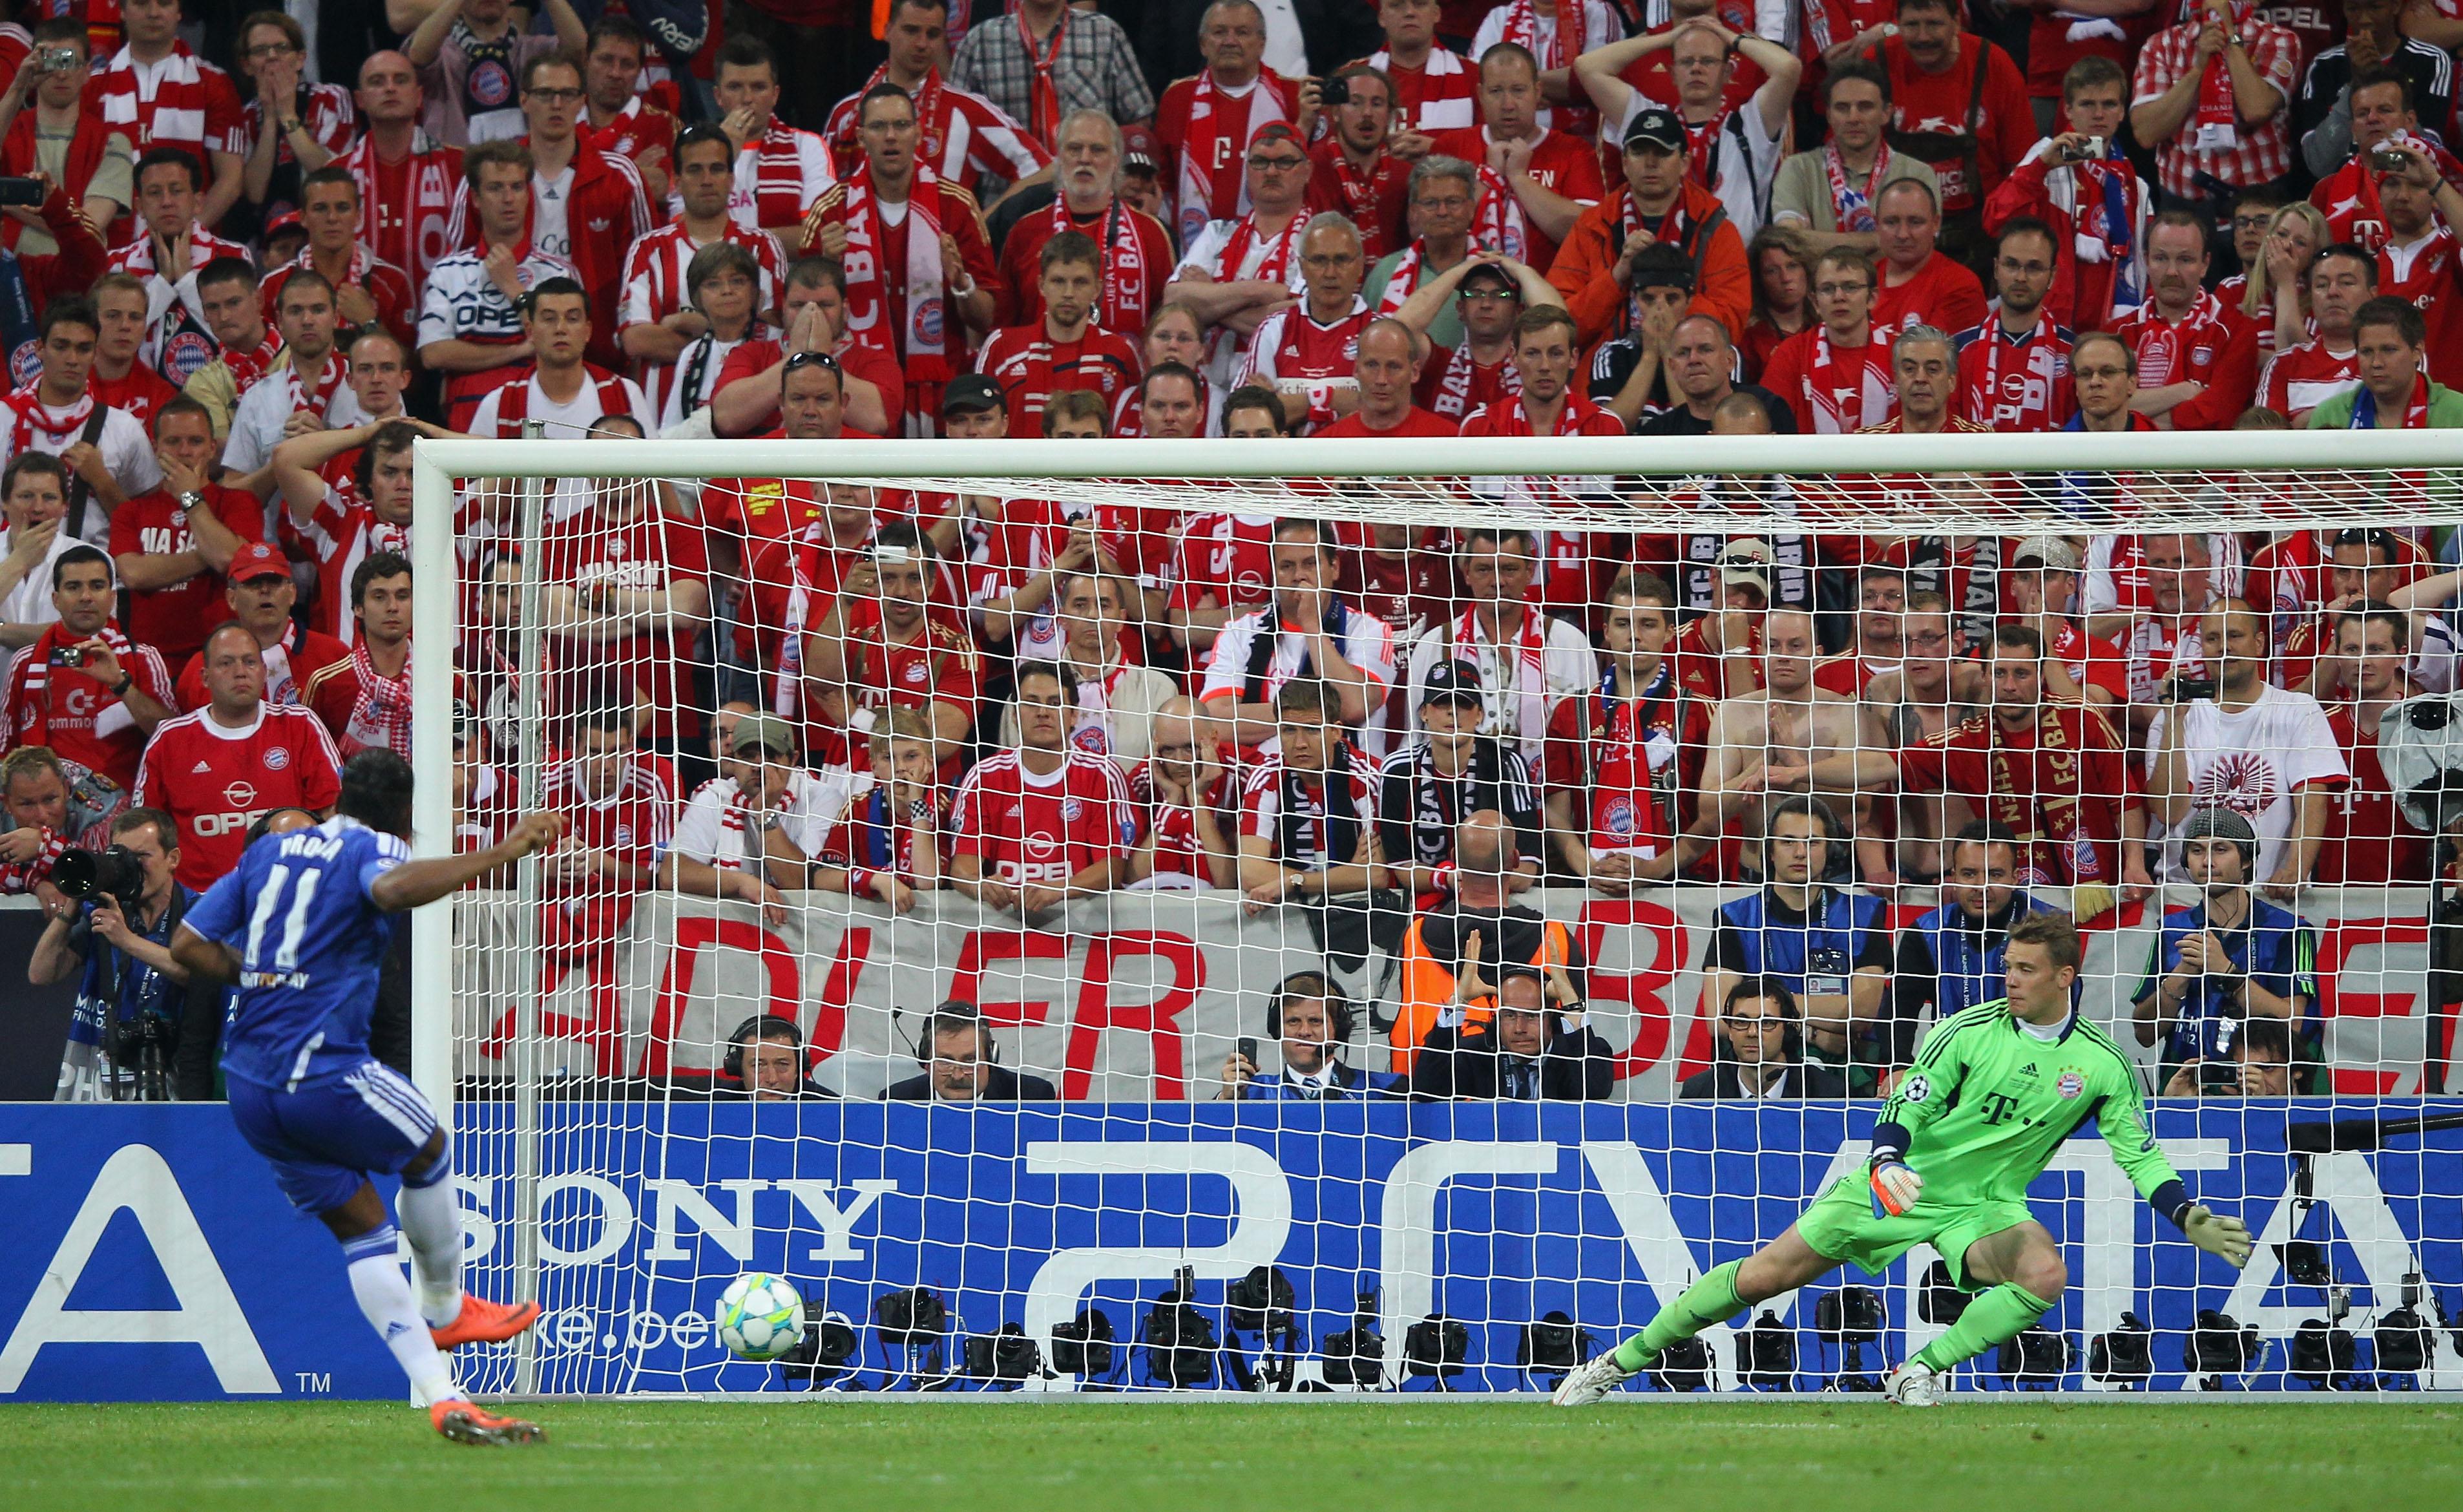 Drogbova penalta, ktorá rozhodla ovíťazovi Ligy Majstrov vsezóne 2011/12 (sportskeeda.com.jpg)